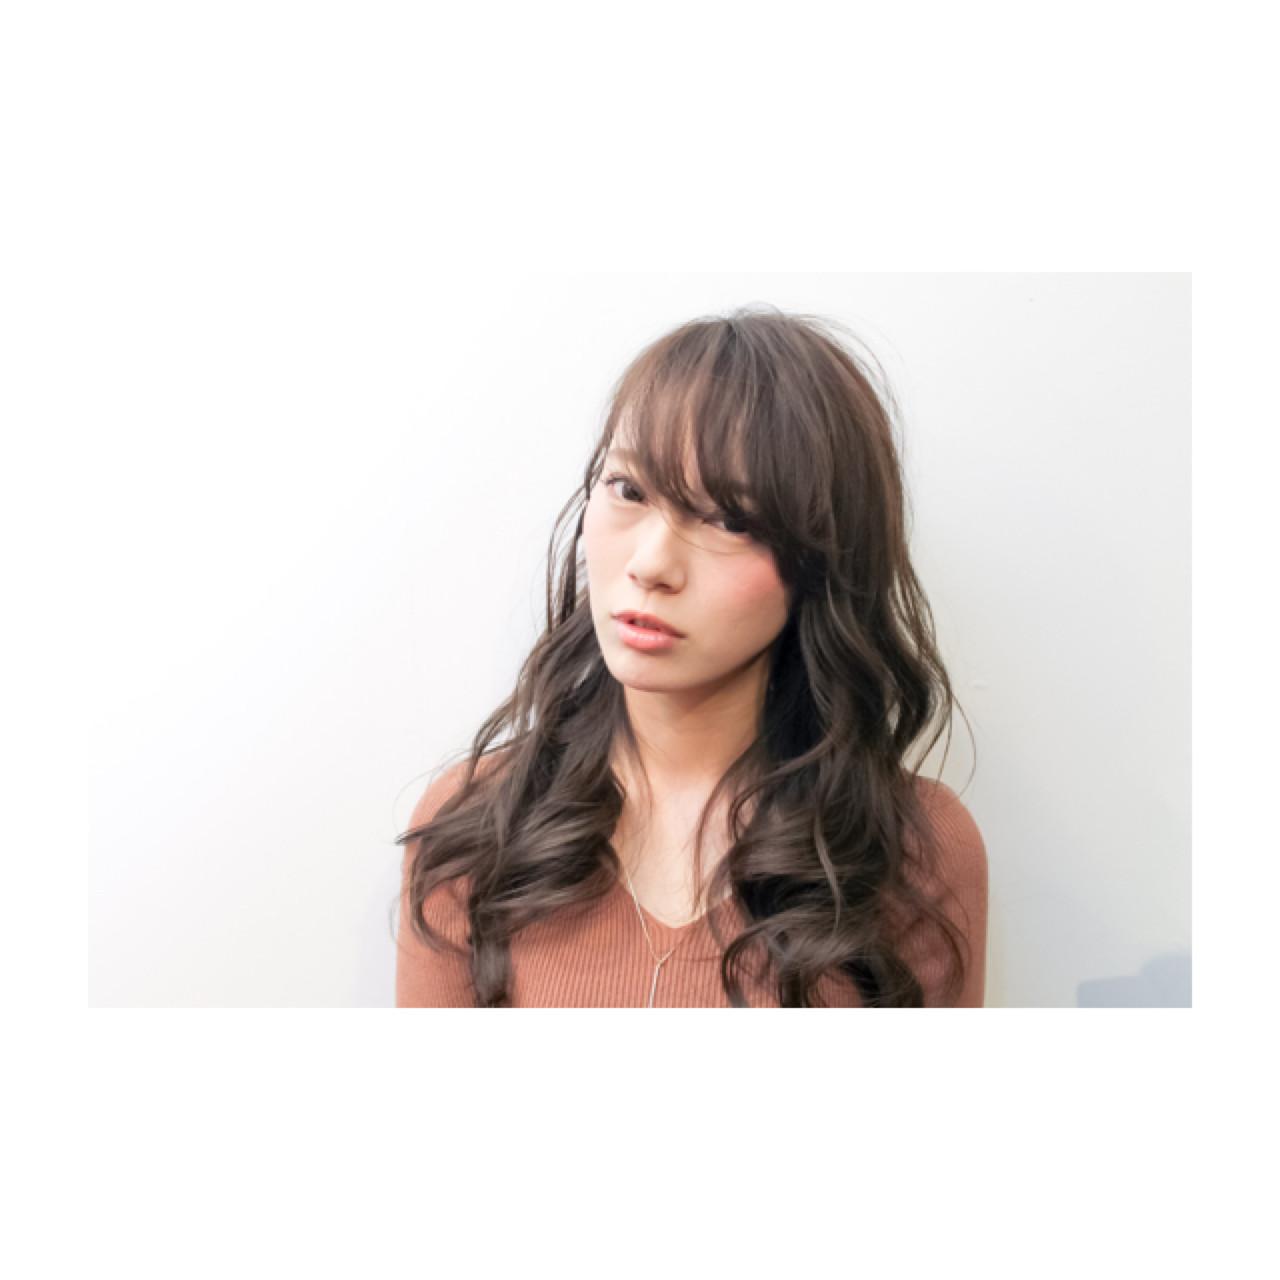 ロング グレージュ 大人かわいい フェミニン ヘアスタイルや髪型の写真・画像 | 山本 佳裕 / HAIRsalon BONDS